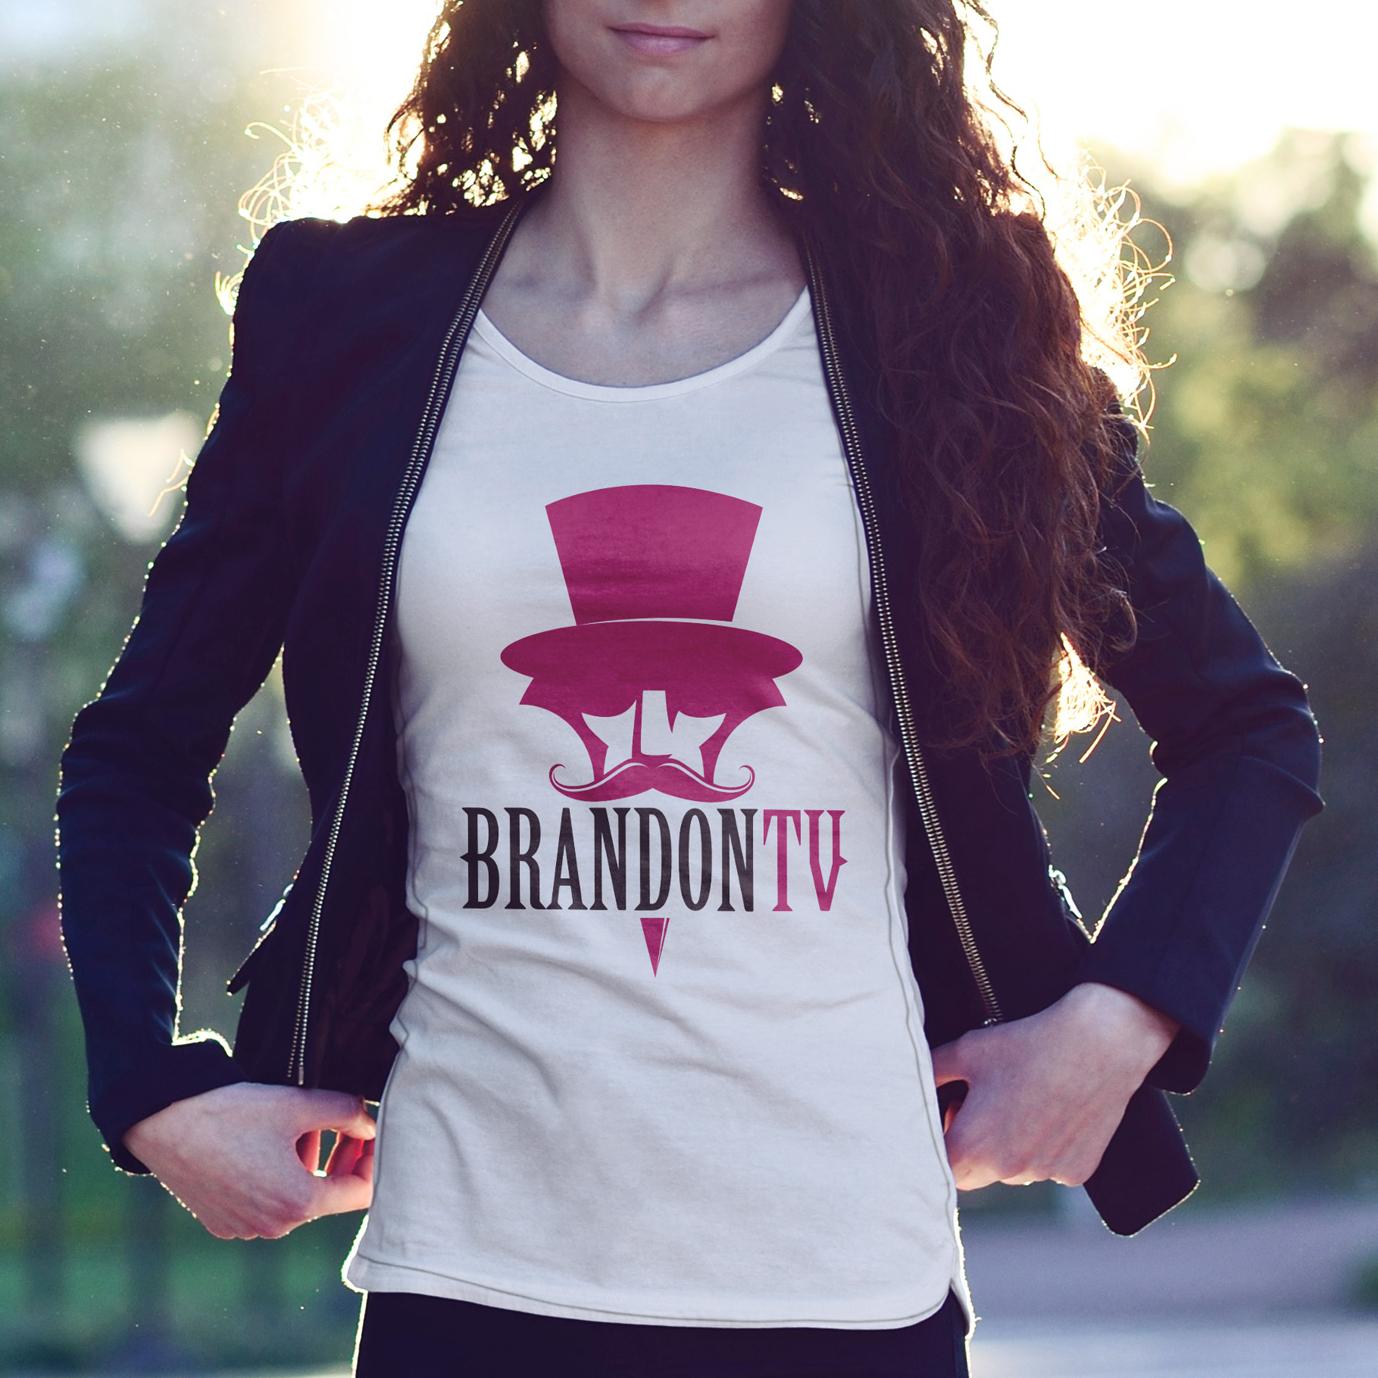 donna che indossa maglietta con logo Brandontv